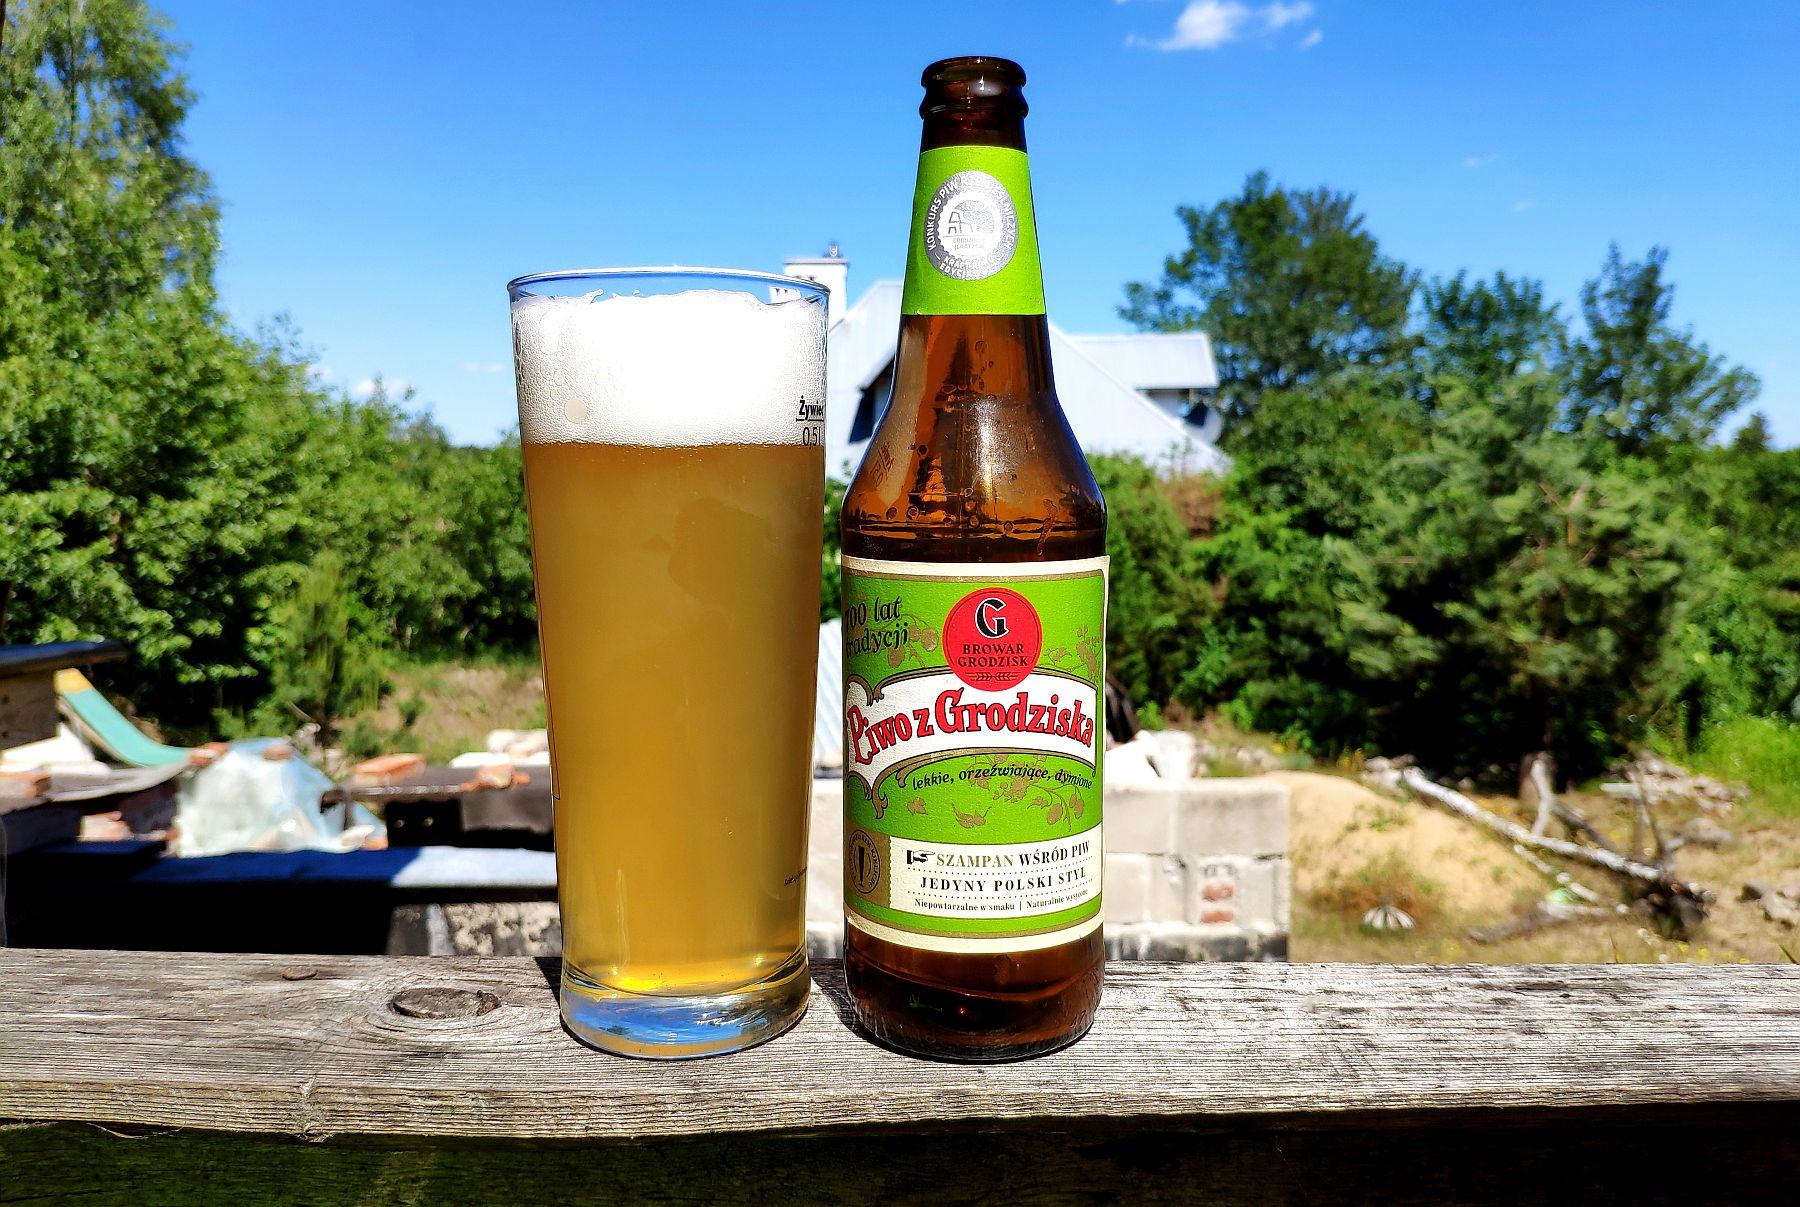 Piwo z Grodziska - Browar Grodzisk